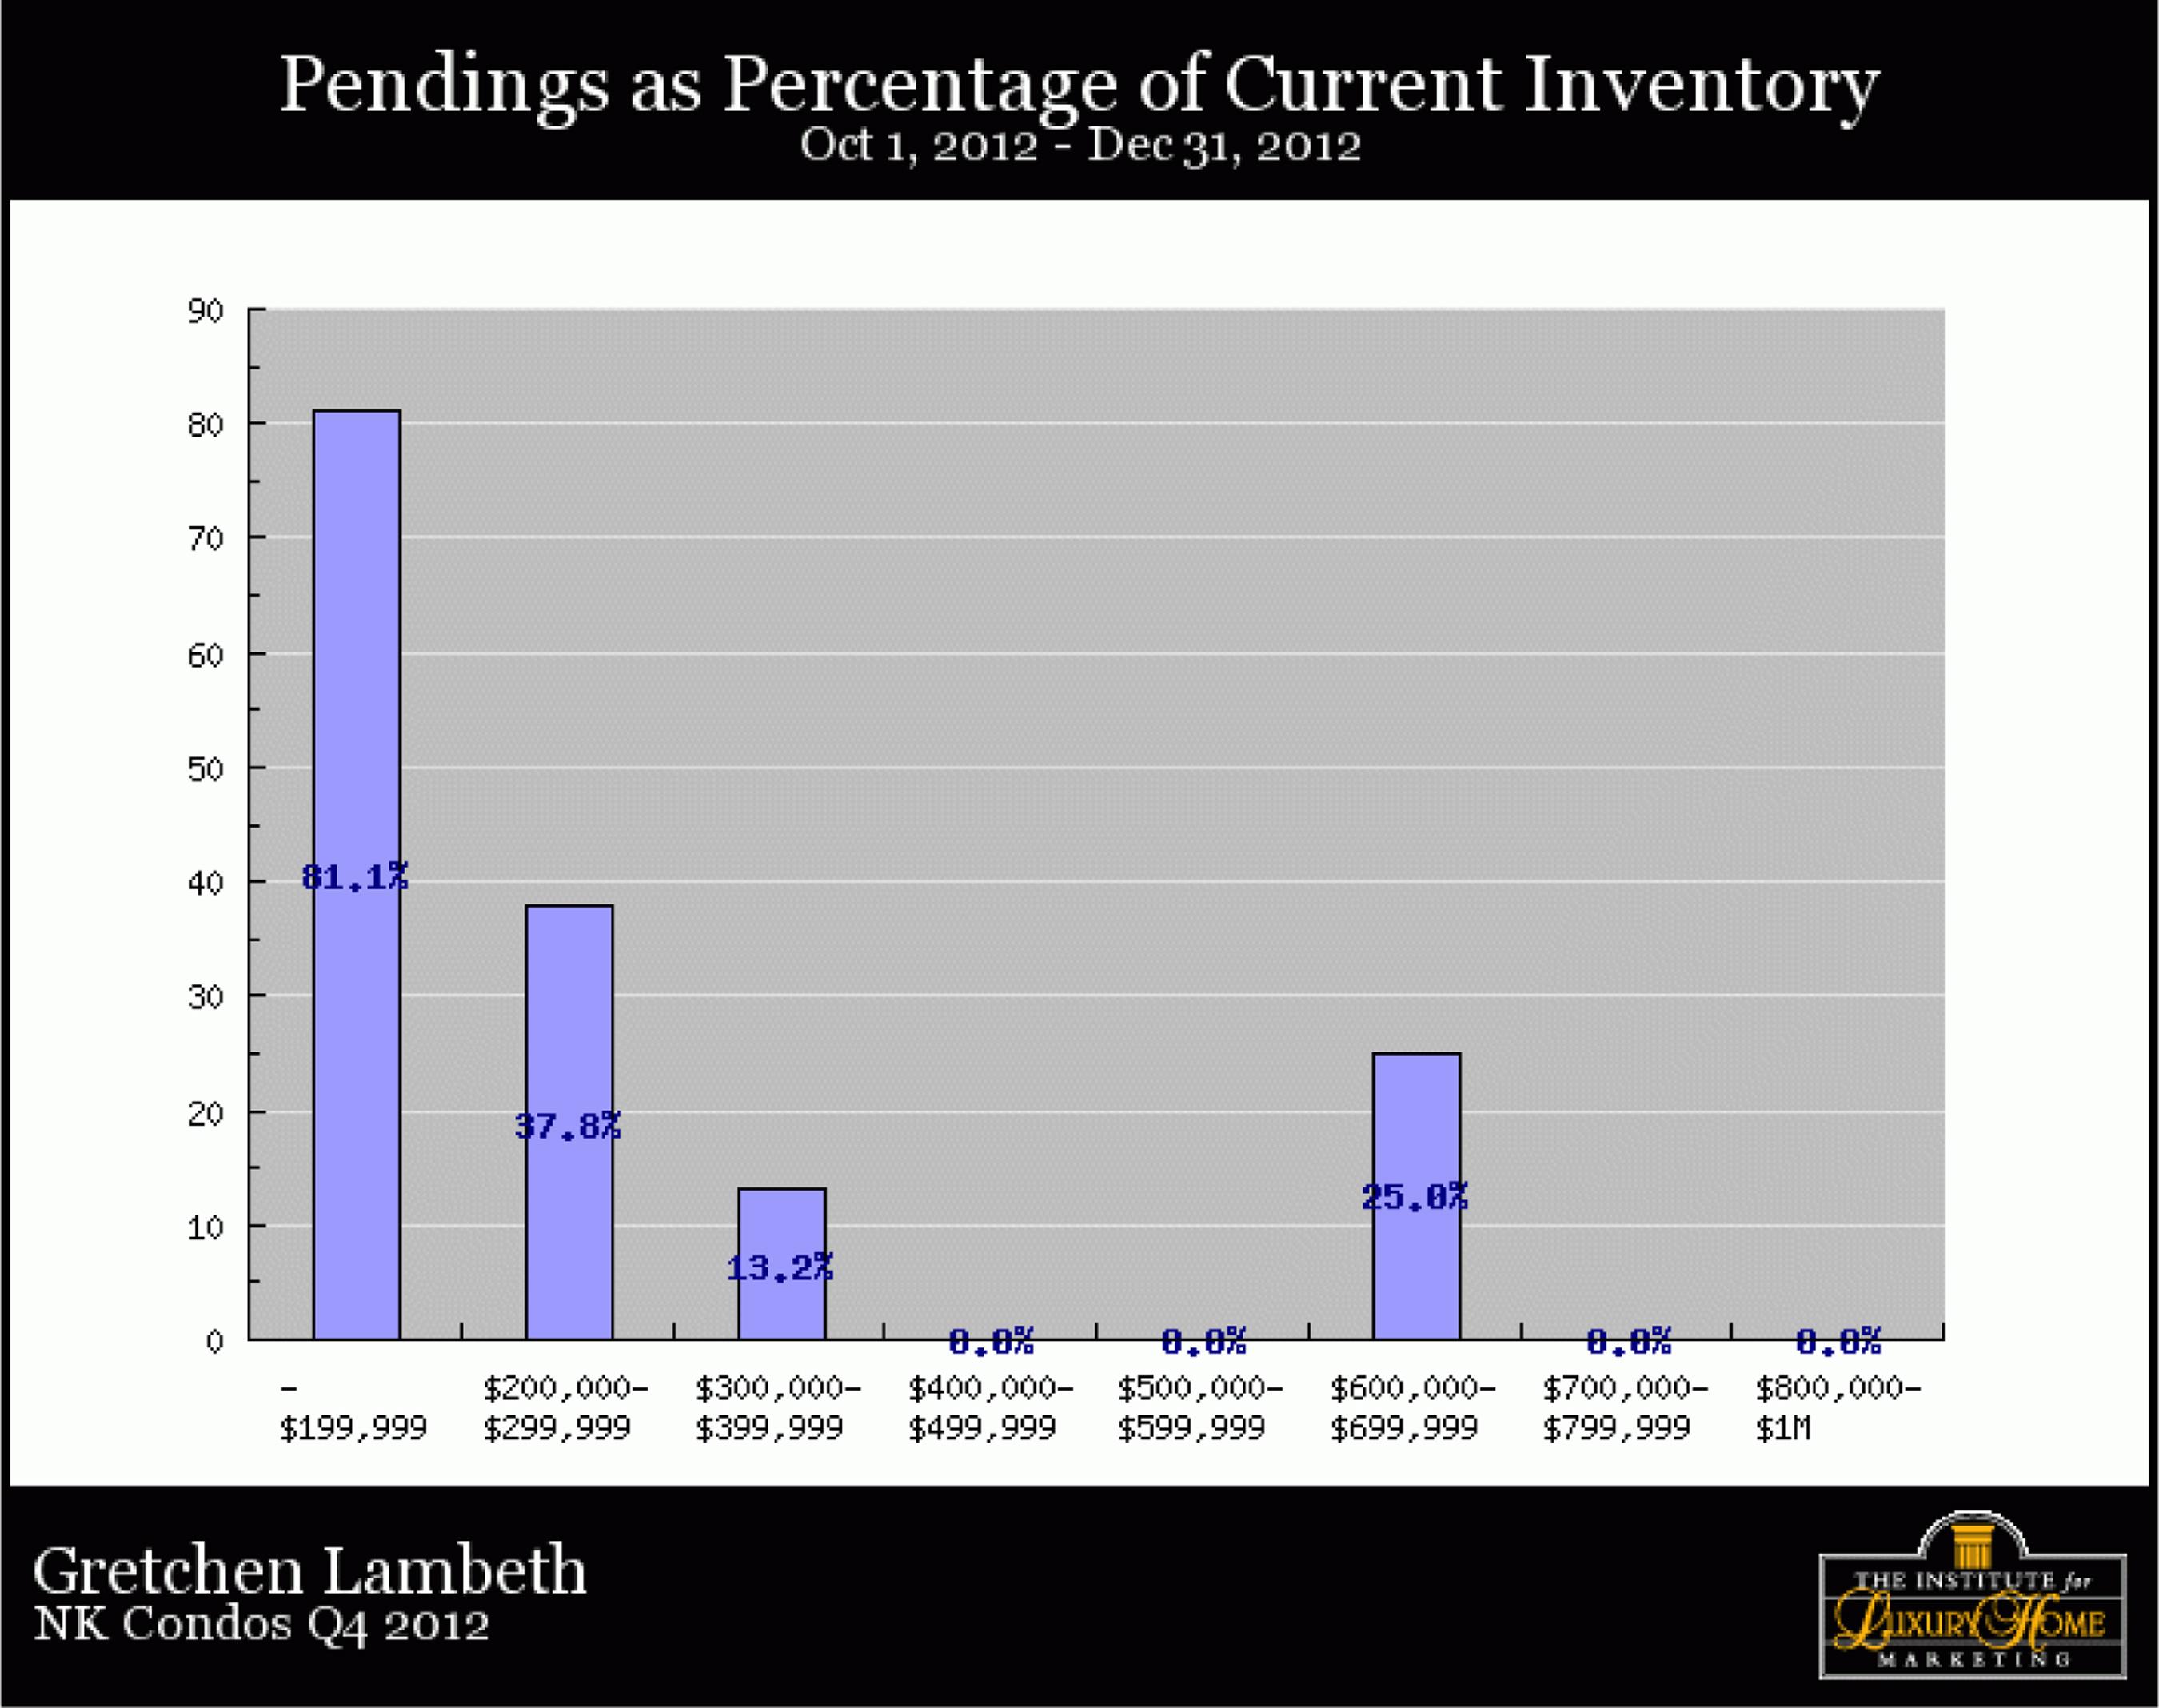 NK-Condos-Q4-2012-pendingspercentofcurrentinventory